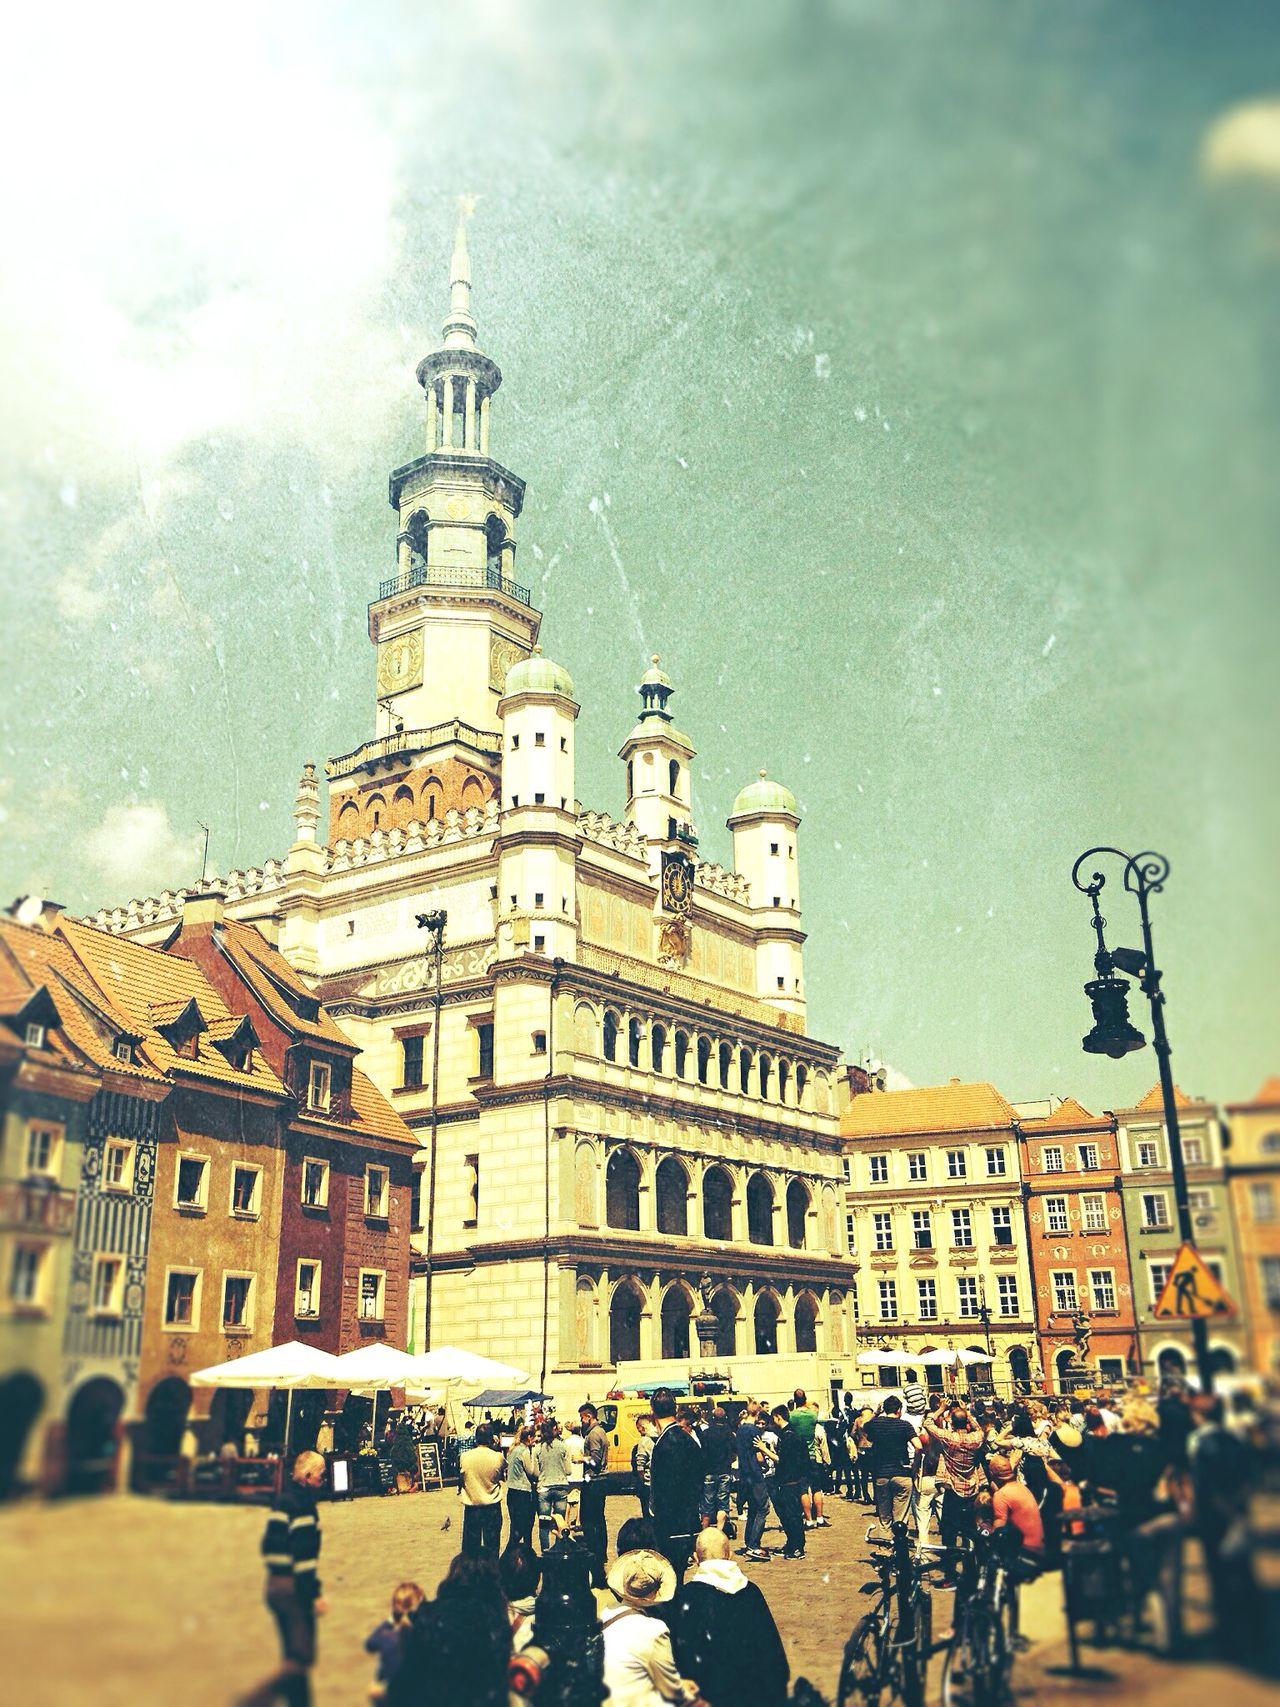 Poland Poznań Oldmarket Stary Rynek Poznan Goat Old Buildings Hometown Architecture Sunny Day Tourists